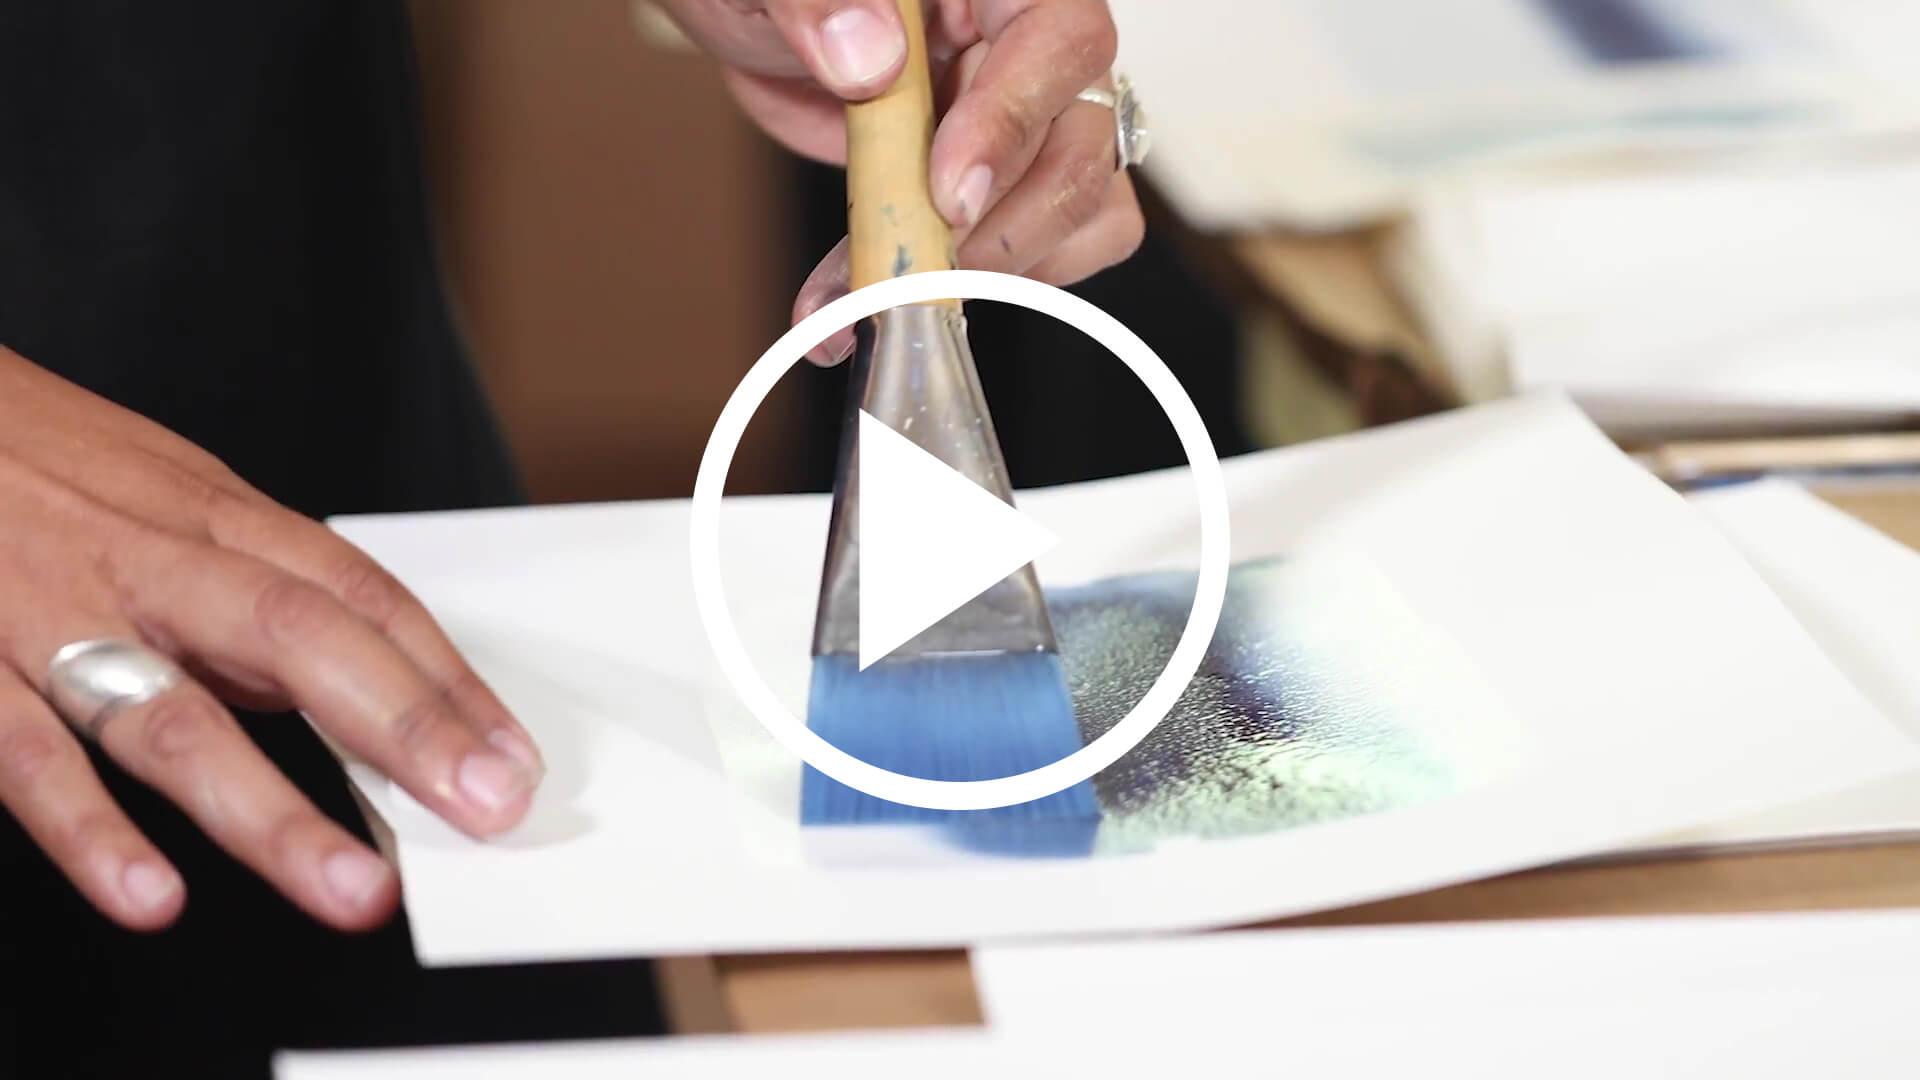 Artist Spotlight: Katie Heffelfinger Video